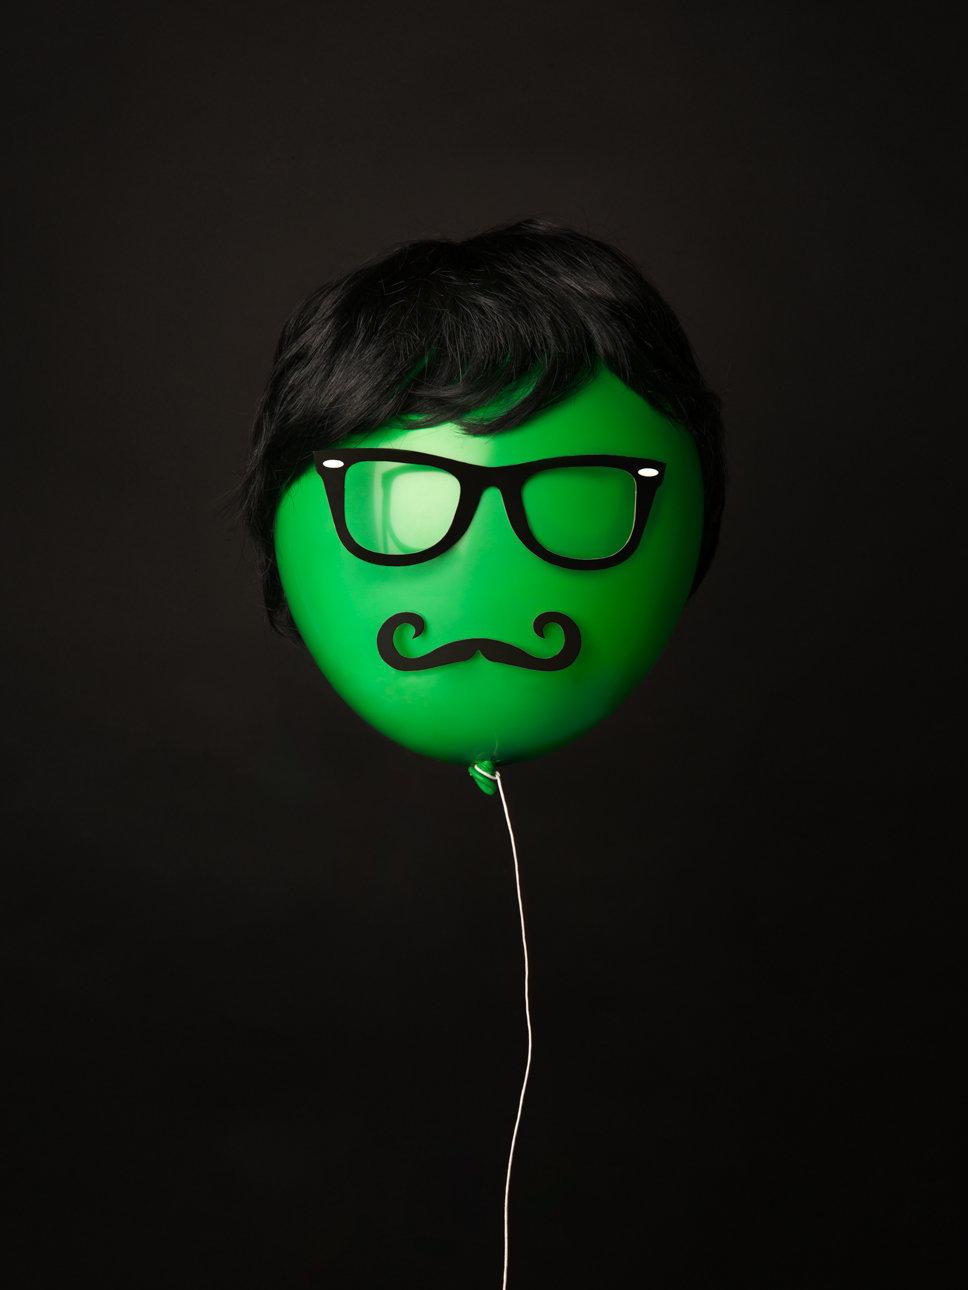 Patrick-Rivera-photographer-still-life-balloonies (2 of 6).jpg